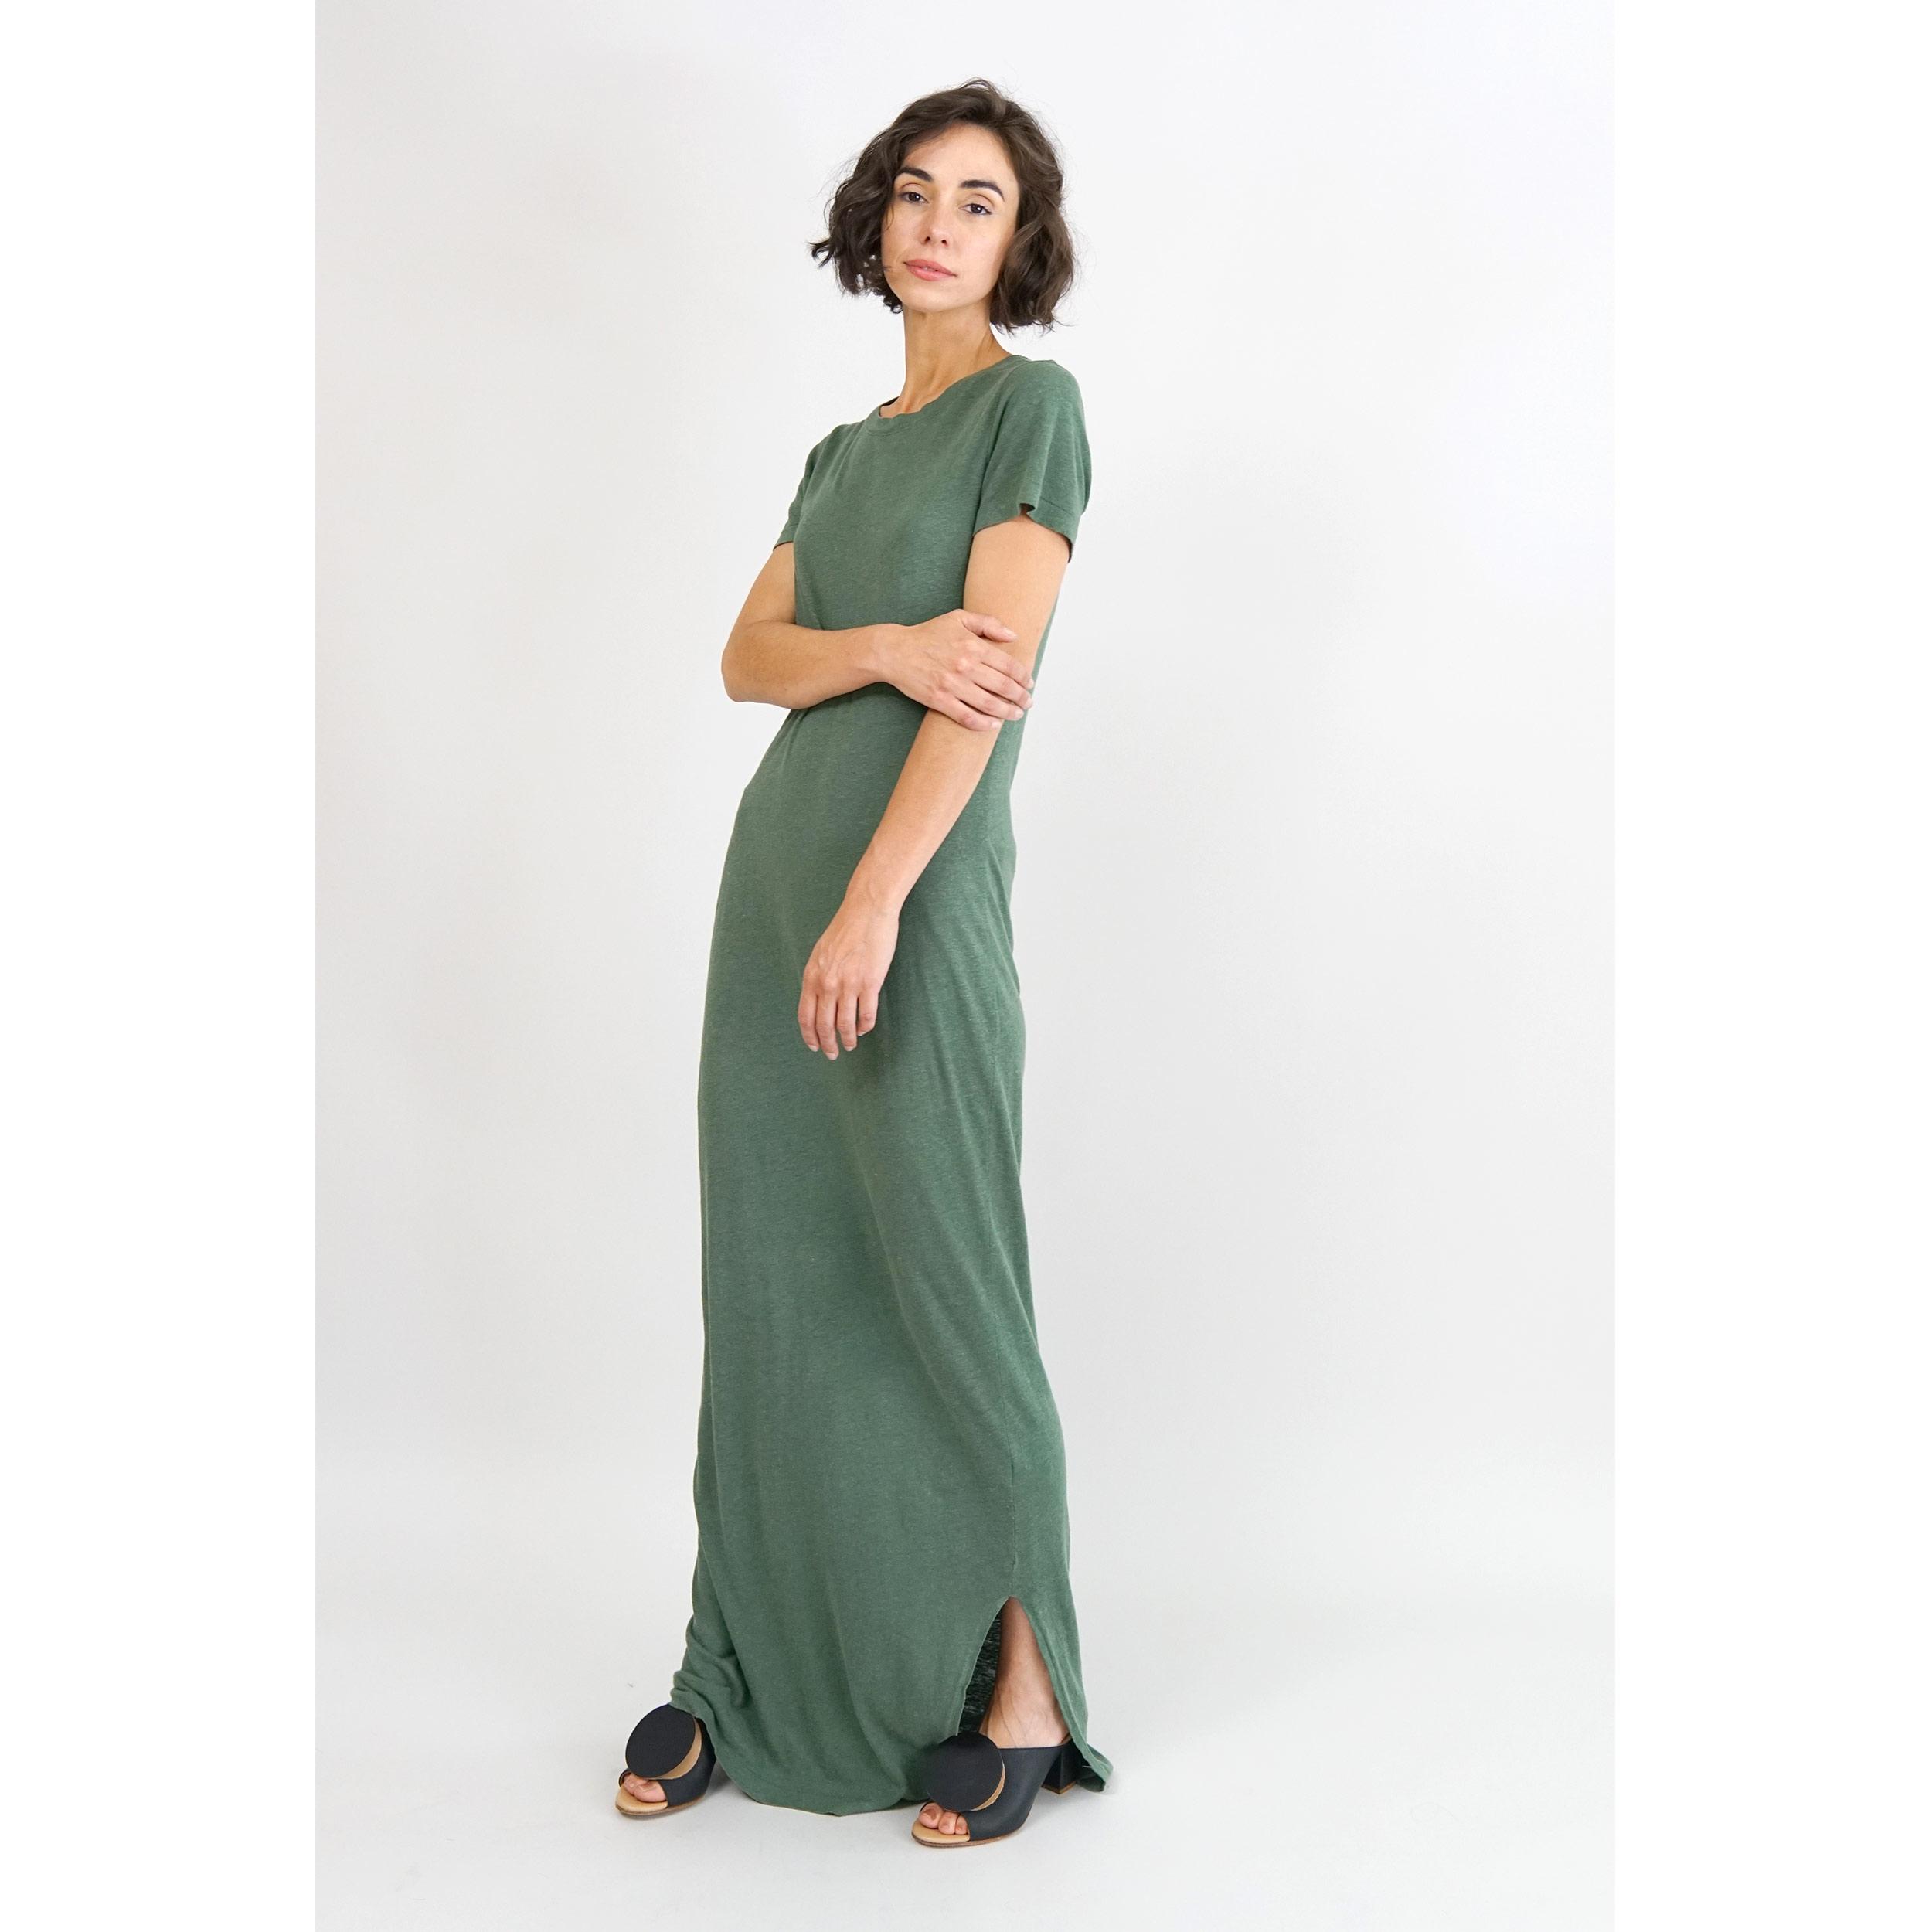 a171e91745 PARKER the shop — Amsterdam Maxi Dress - Sage